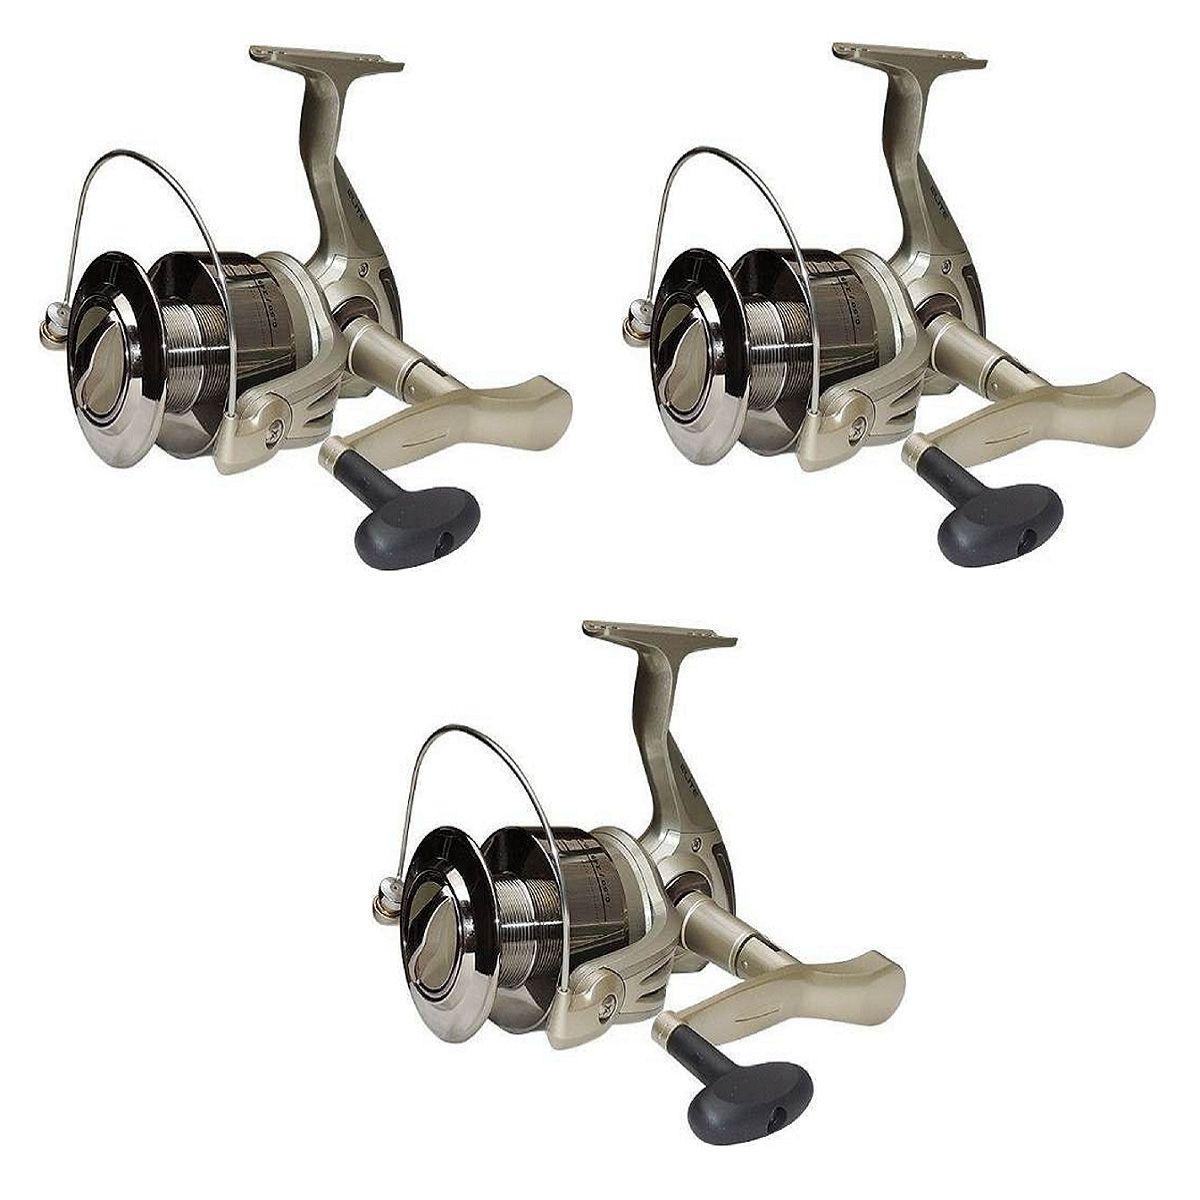 Kit 3 Molinetes Pesca Marine Sports Elite 6000 3 Rolamentos